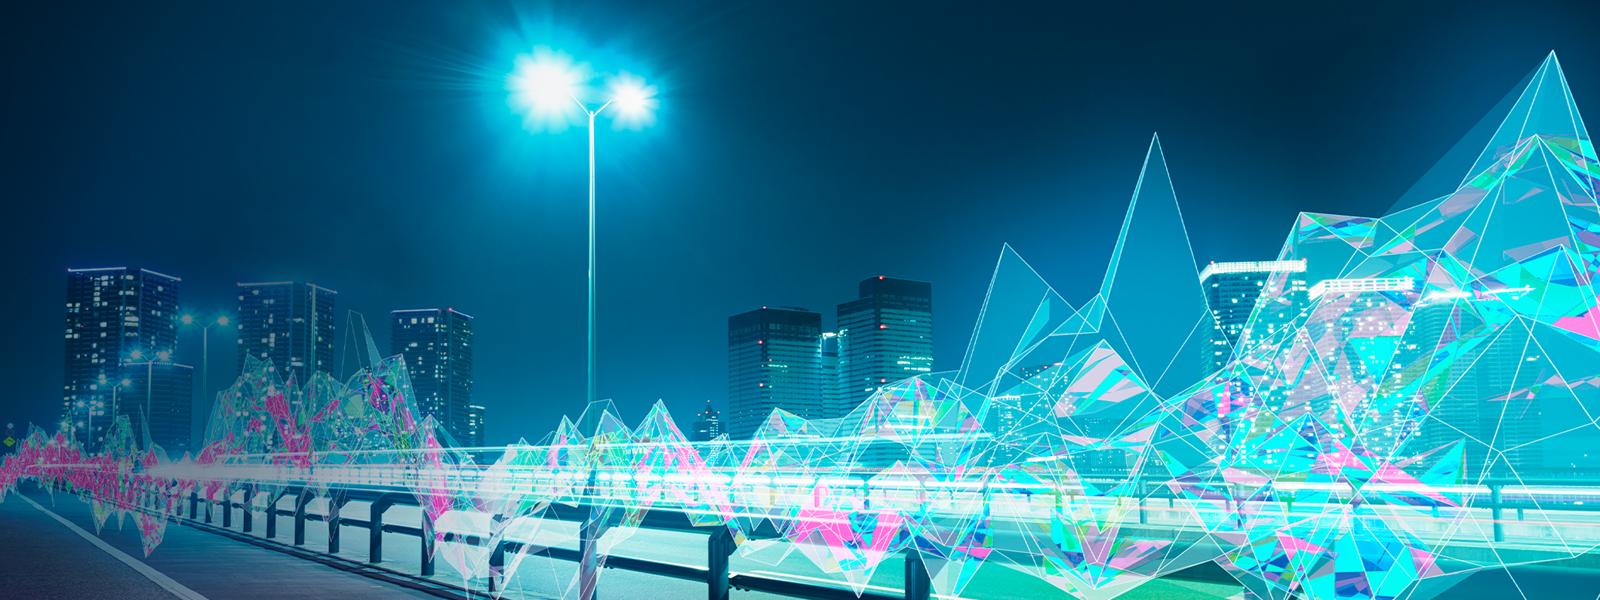 夜の街並みと AI のオーバーレイ パターン